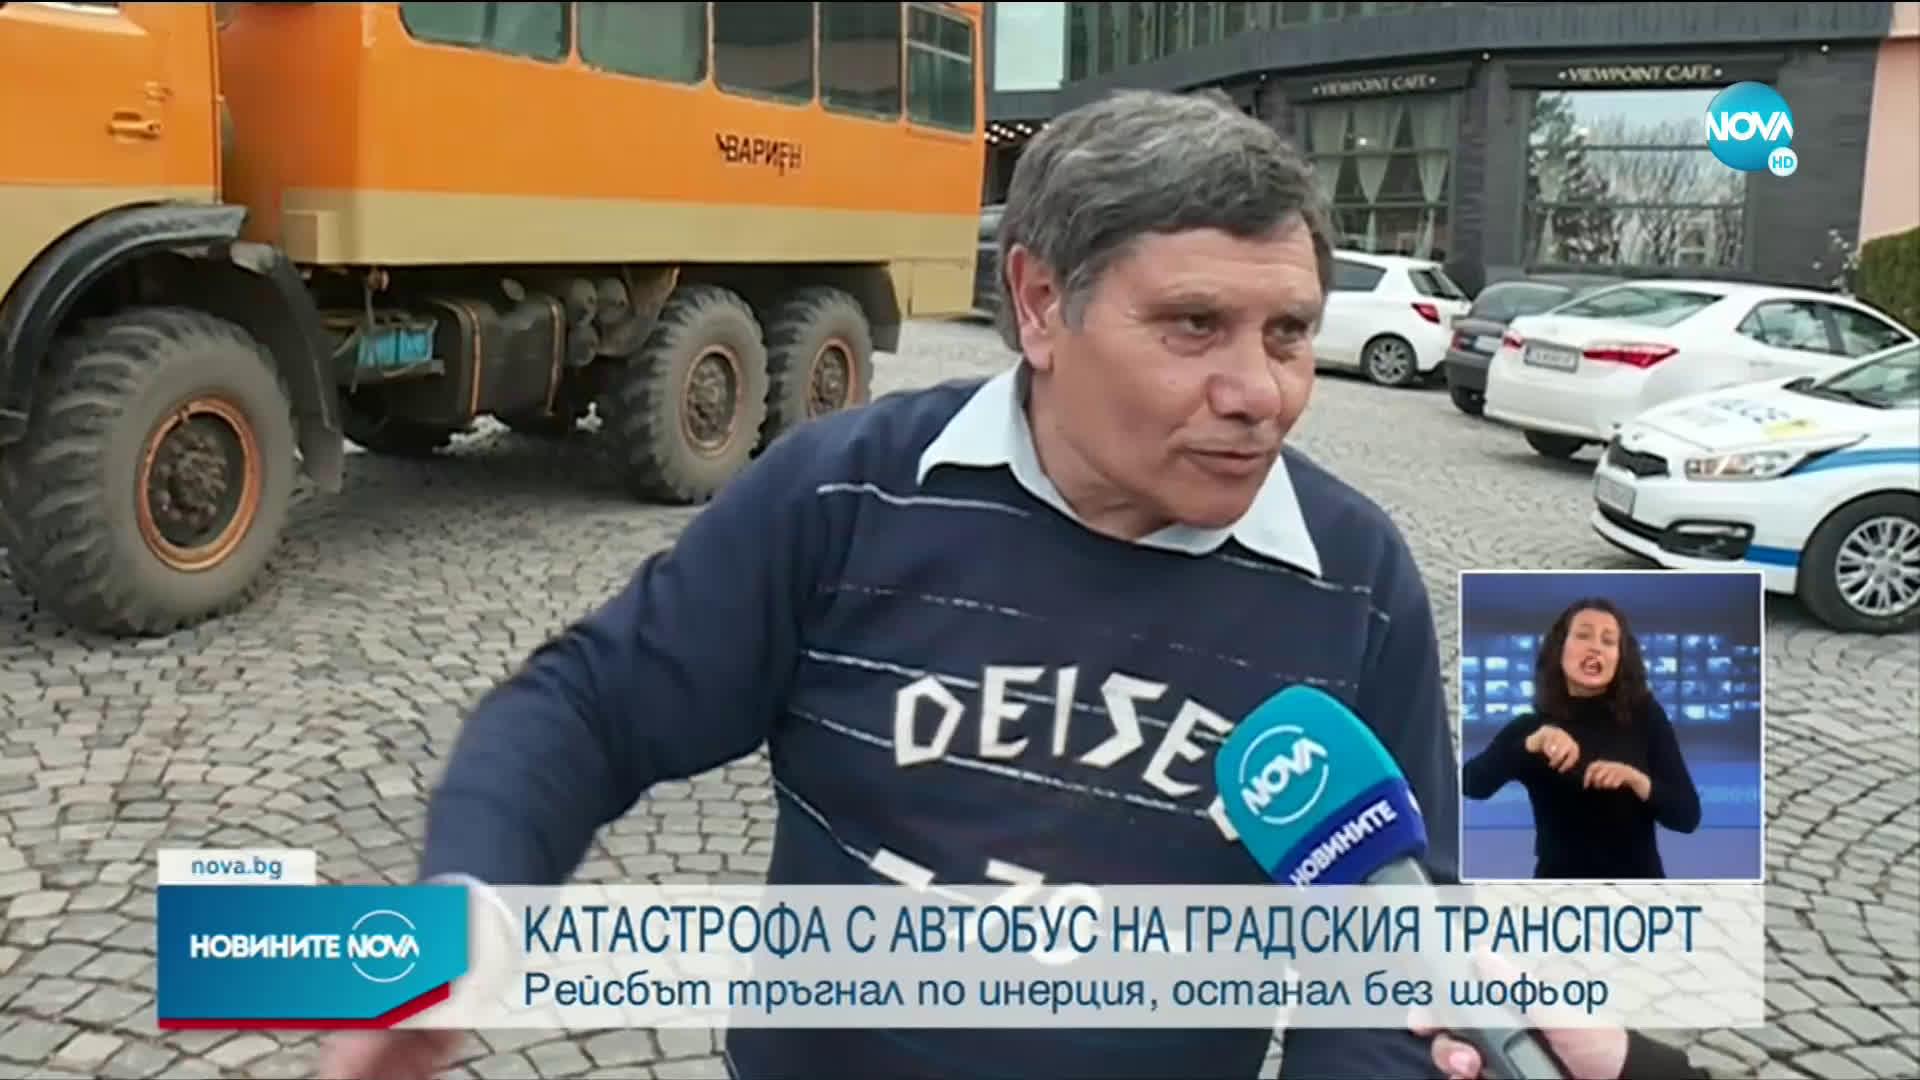 Автобус в София остана без шофьор и катастрофира